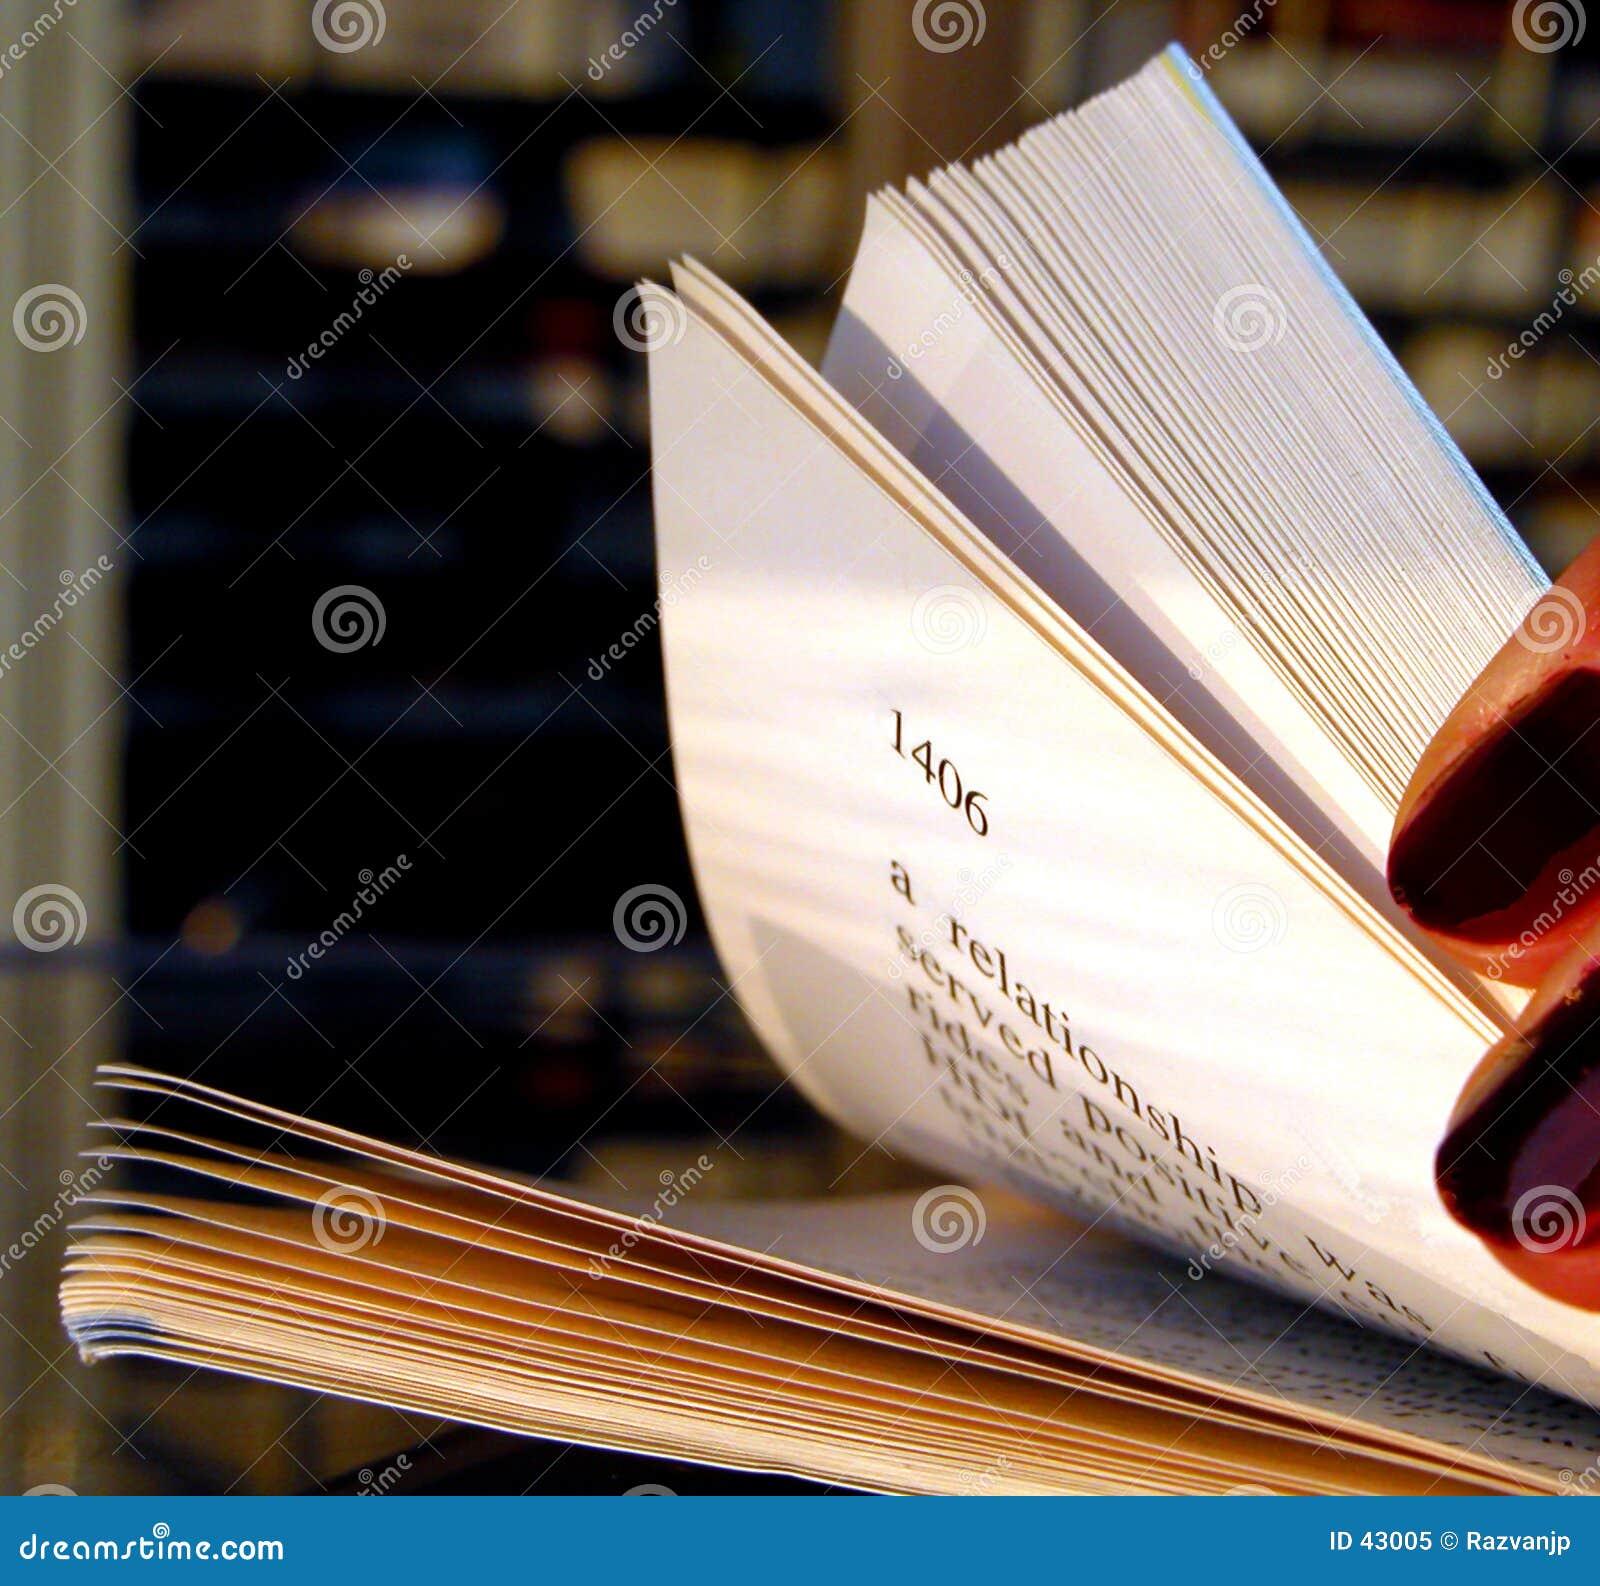 Download Riffling A Través De Un Libro Imagen de archivo - Imagen de pulimento, circular: 43005